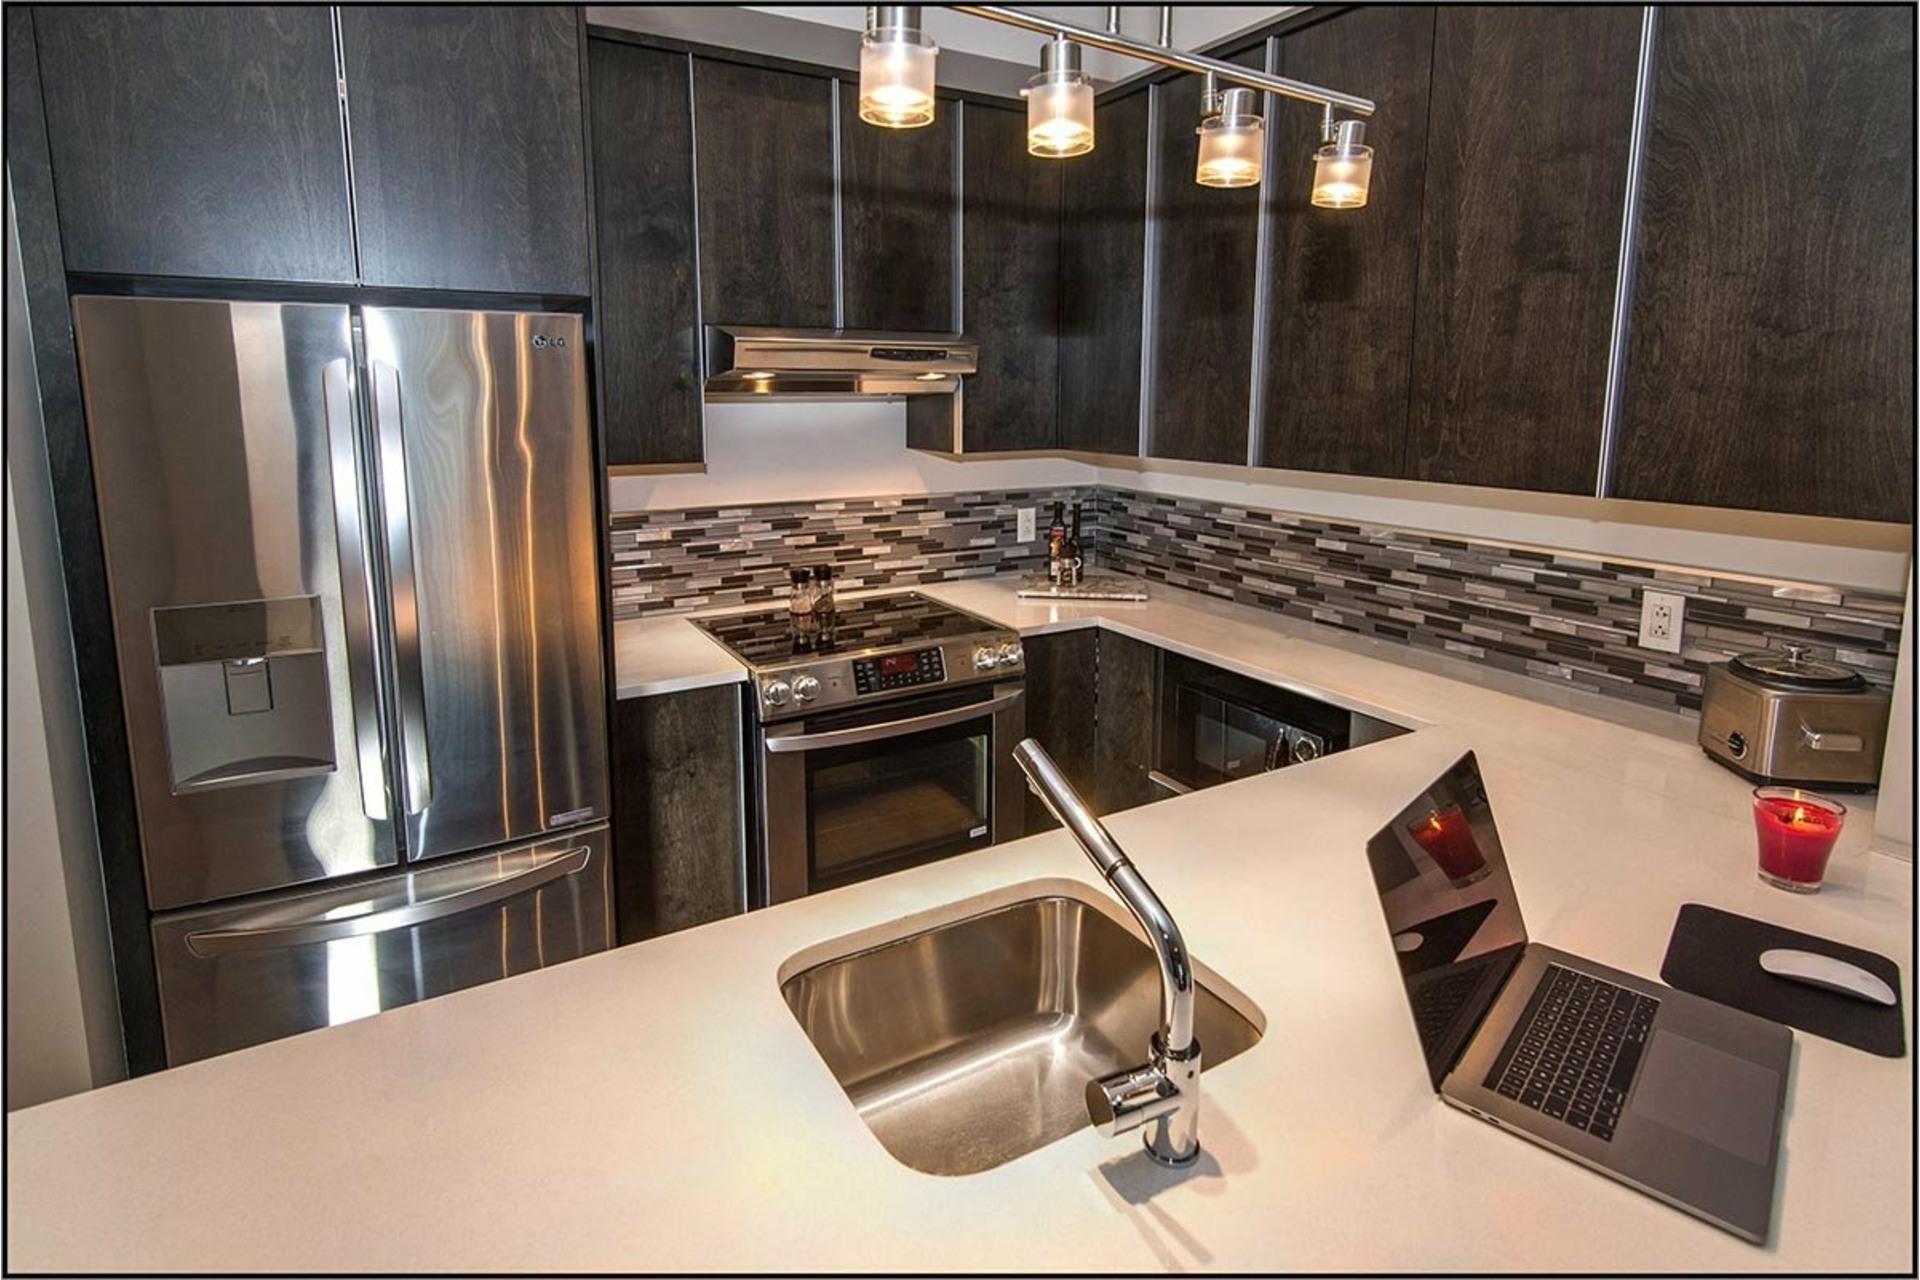 image 4 - Apartment For sale Saint-Augustin-de-Desmaures - 10 rooms